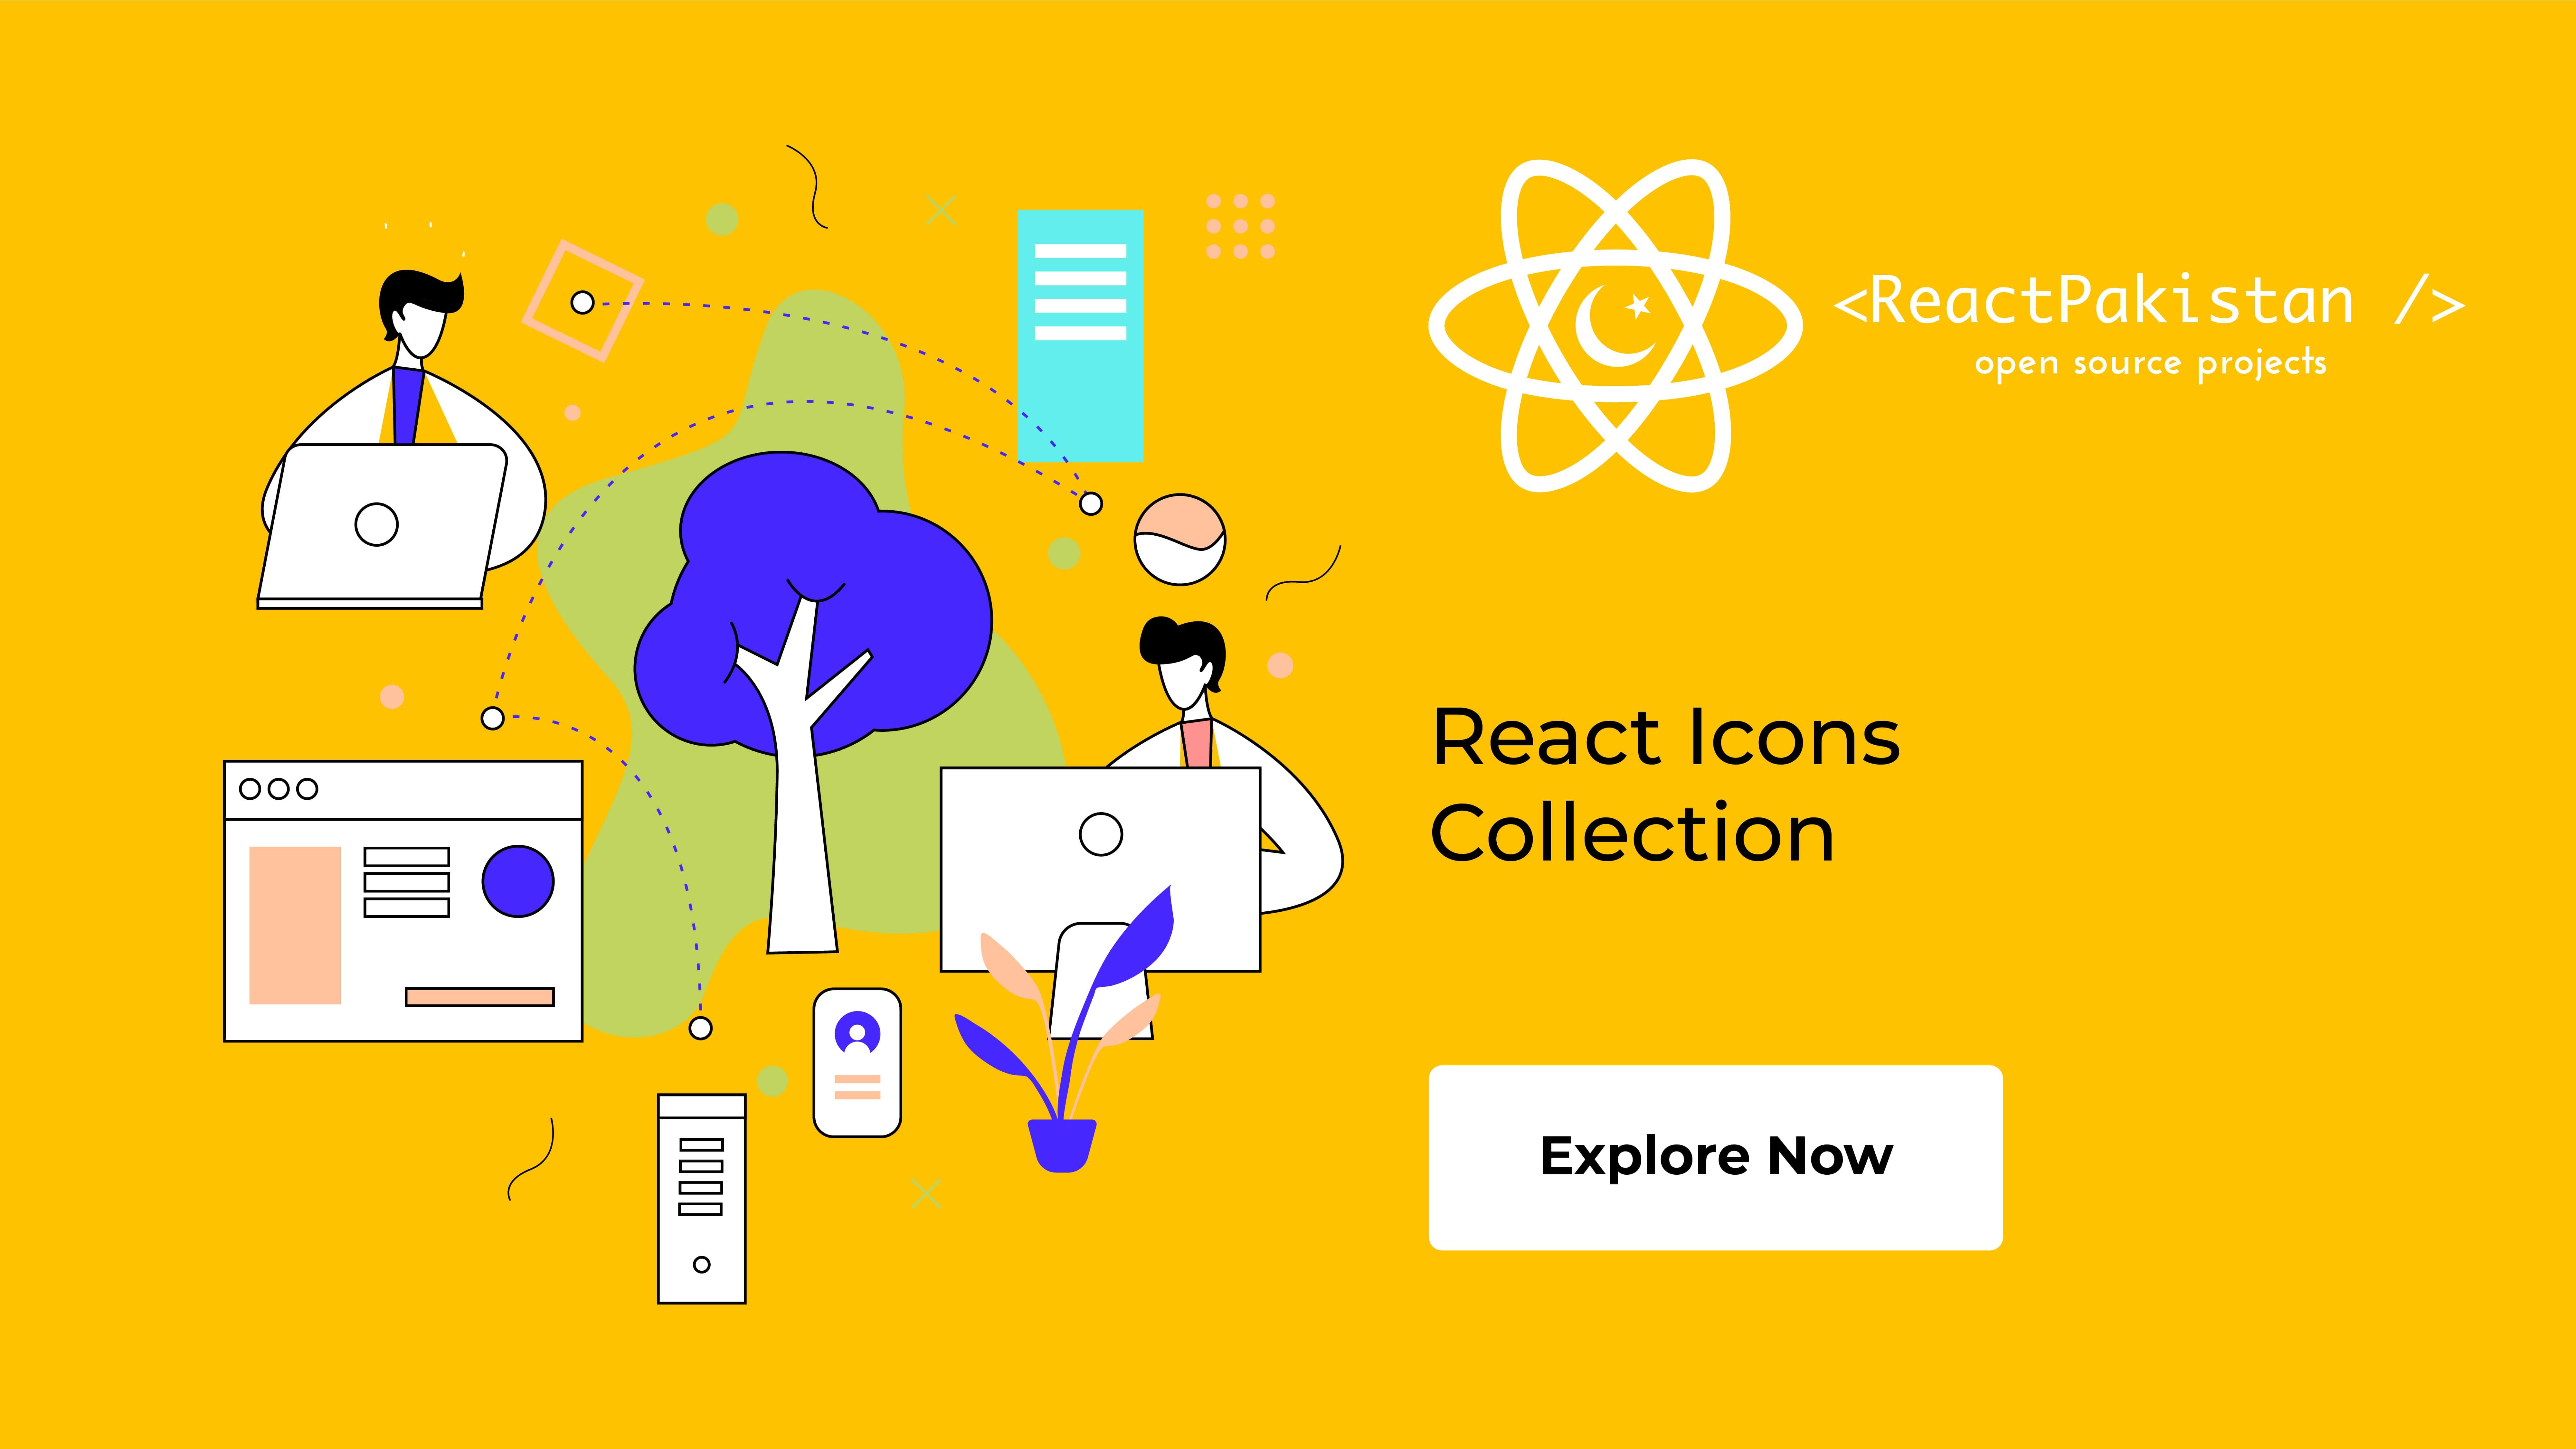 React Pakistan - React Icon Collection